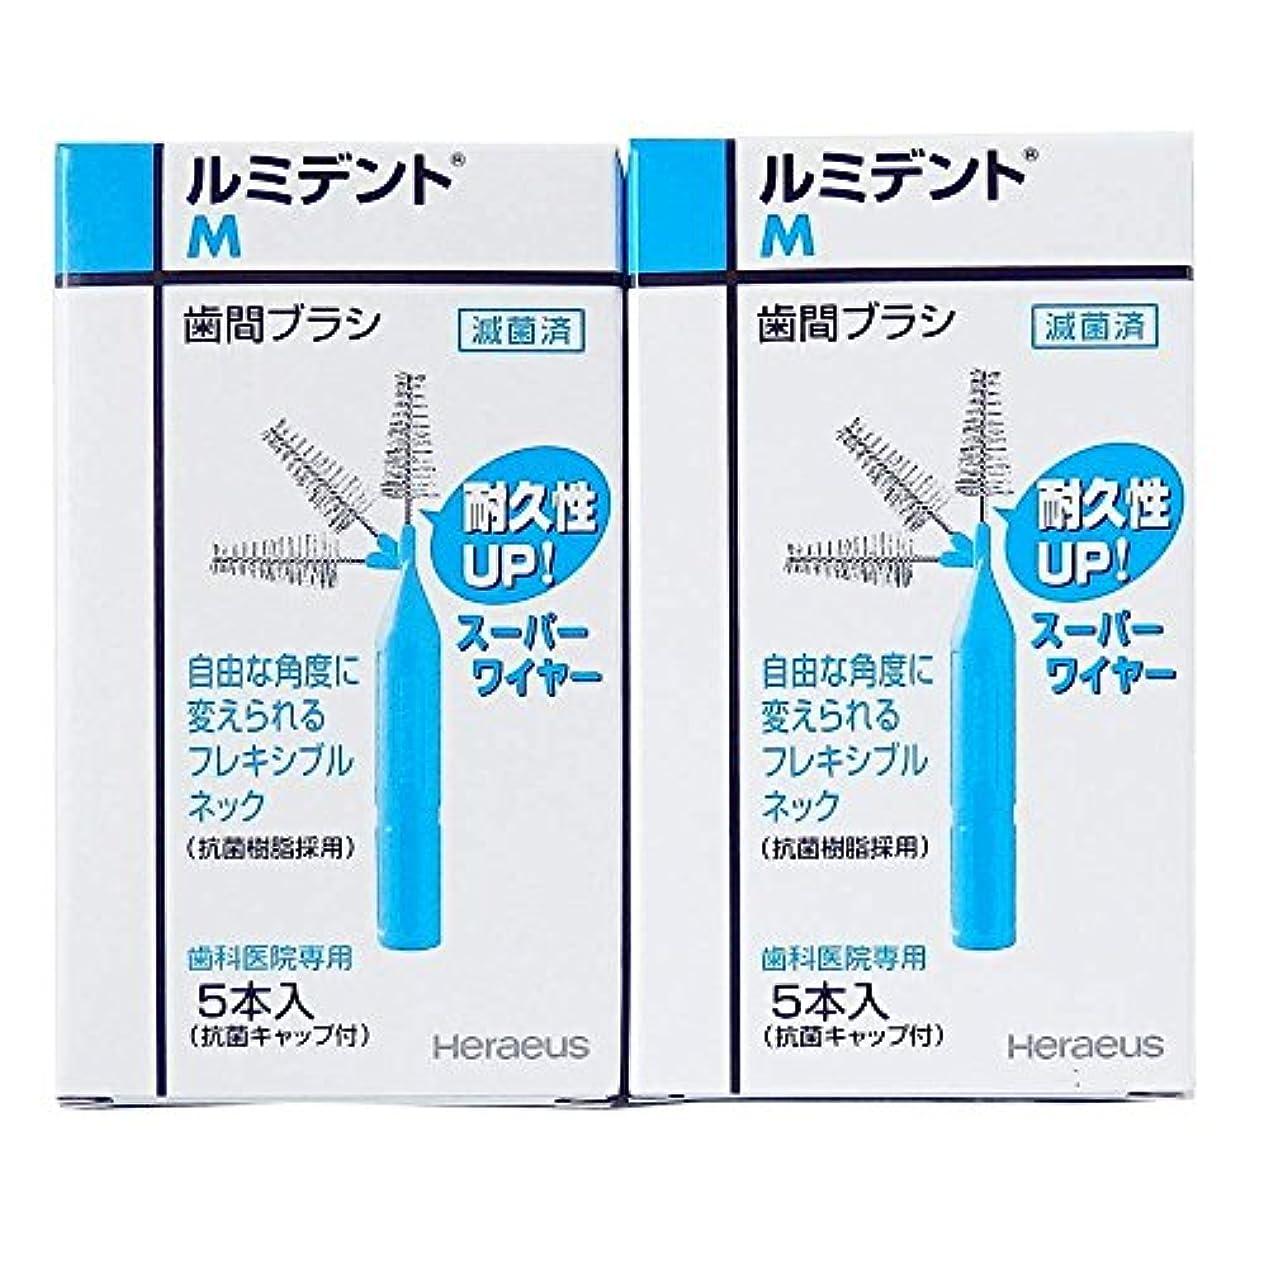 ヘレウス ルミデント歯間ブラシ 5本入×2個 (M)歯科医院専用